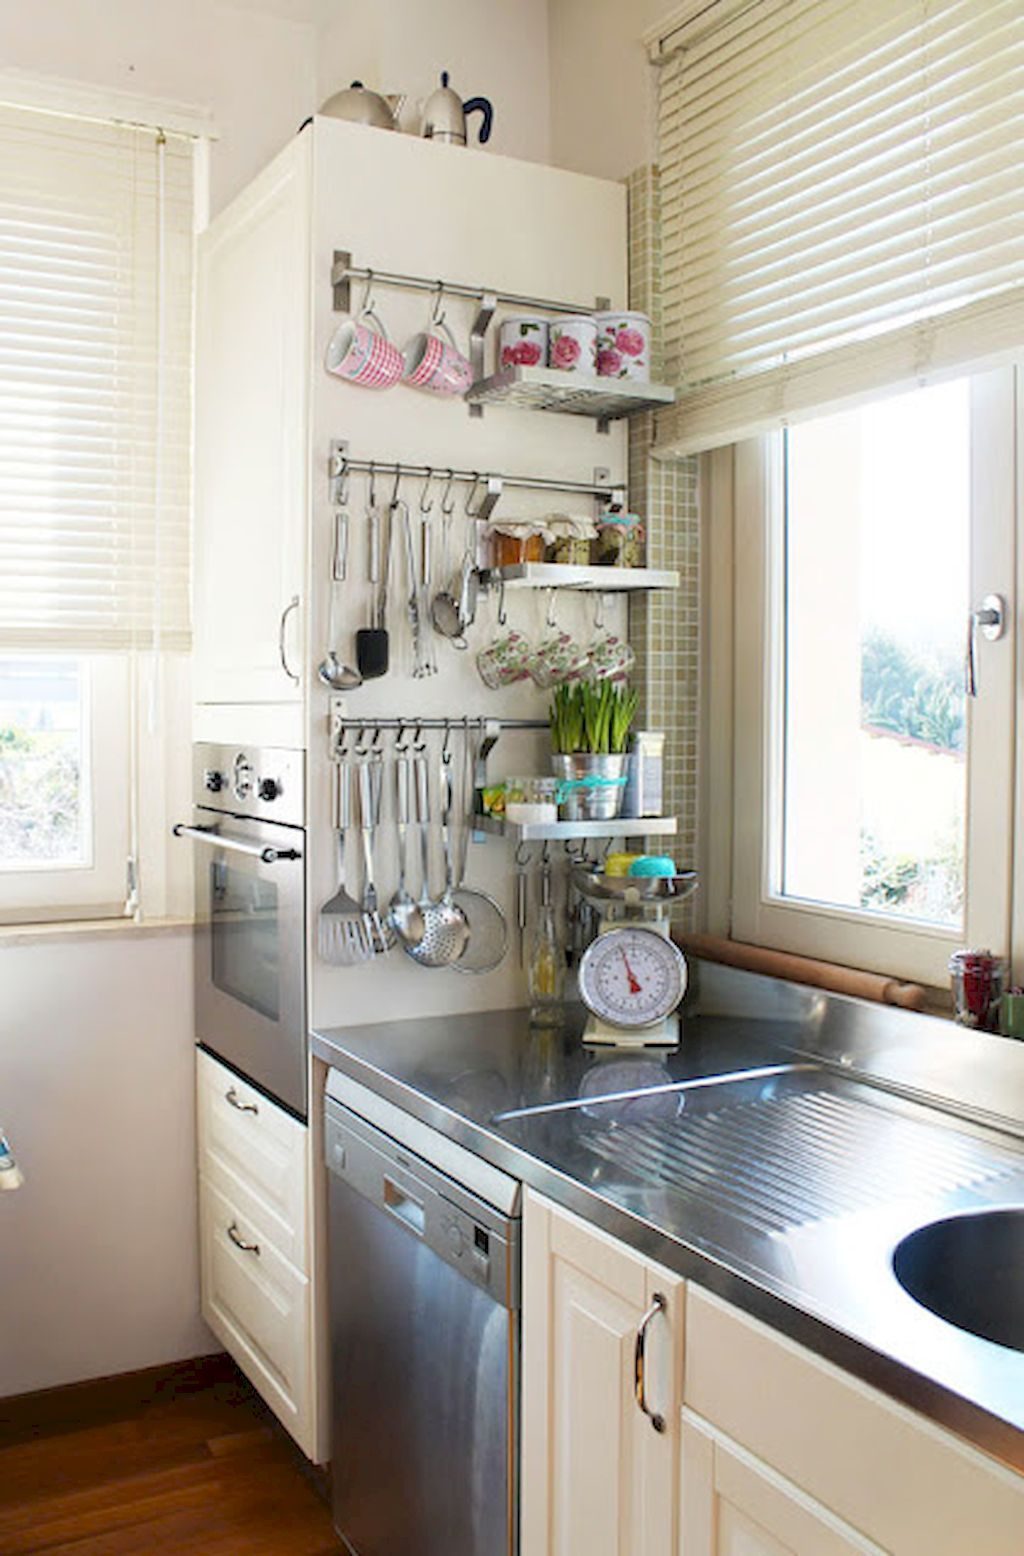 60 Clever & Clean Kitchen Storage Organization Ideas #kitchenremodel